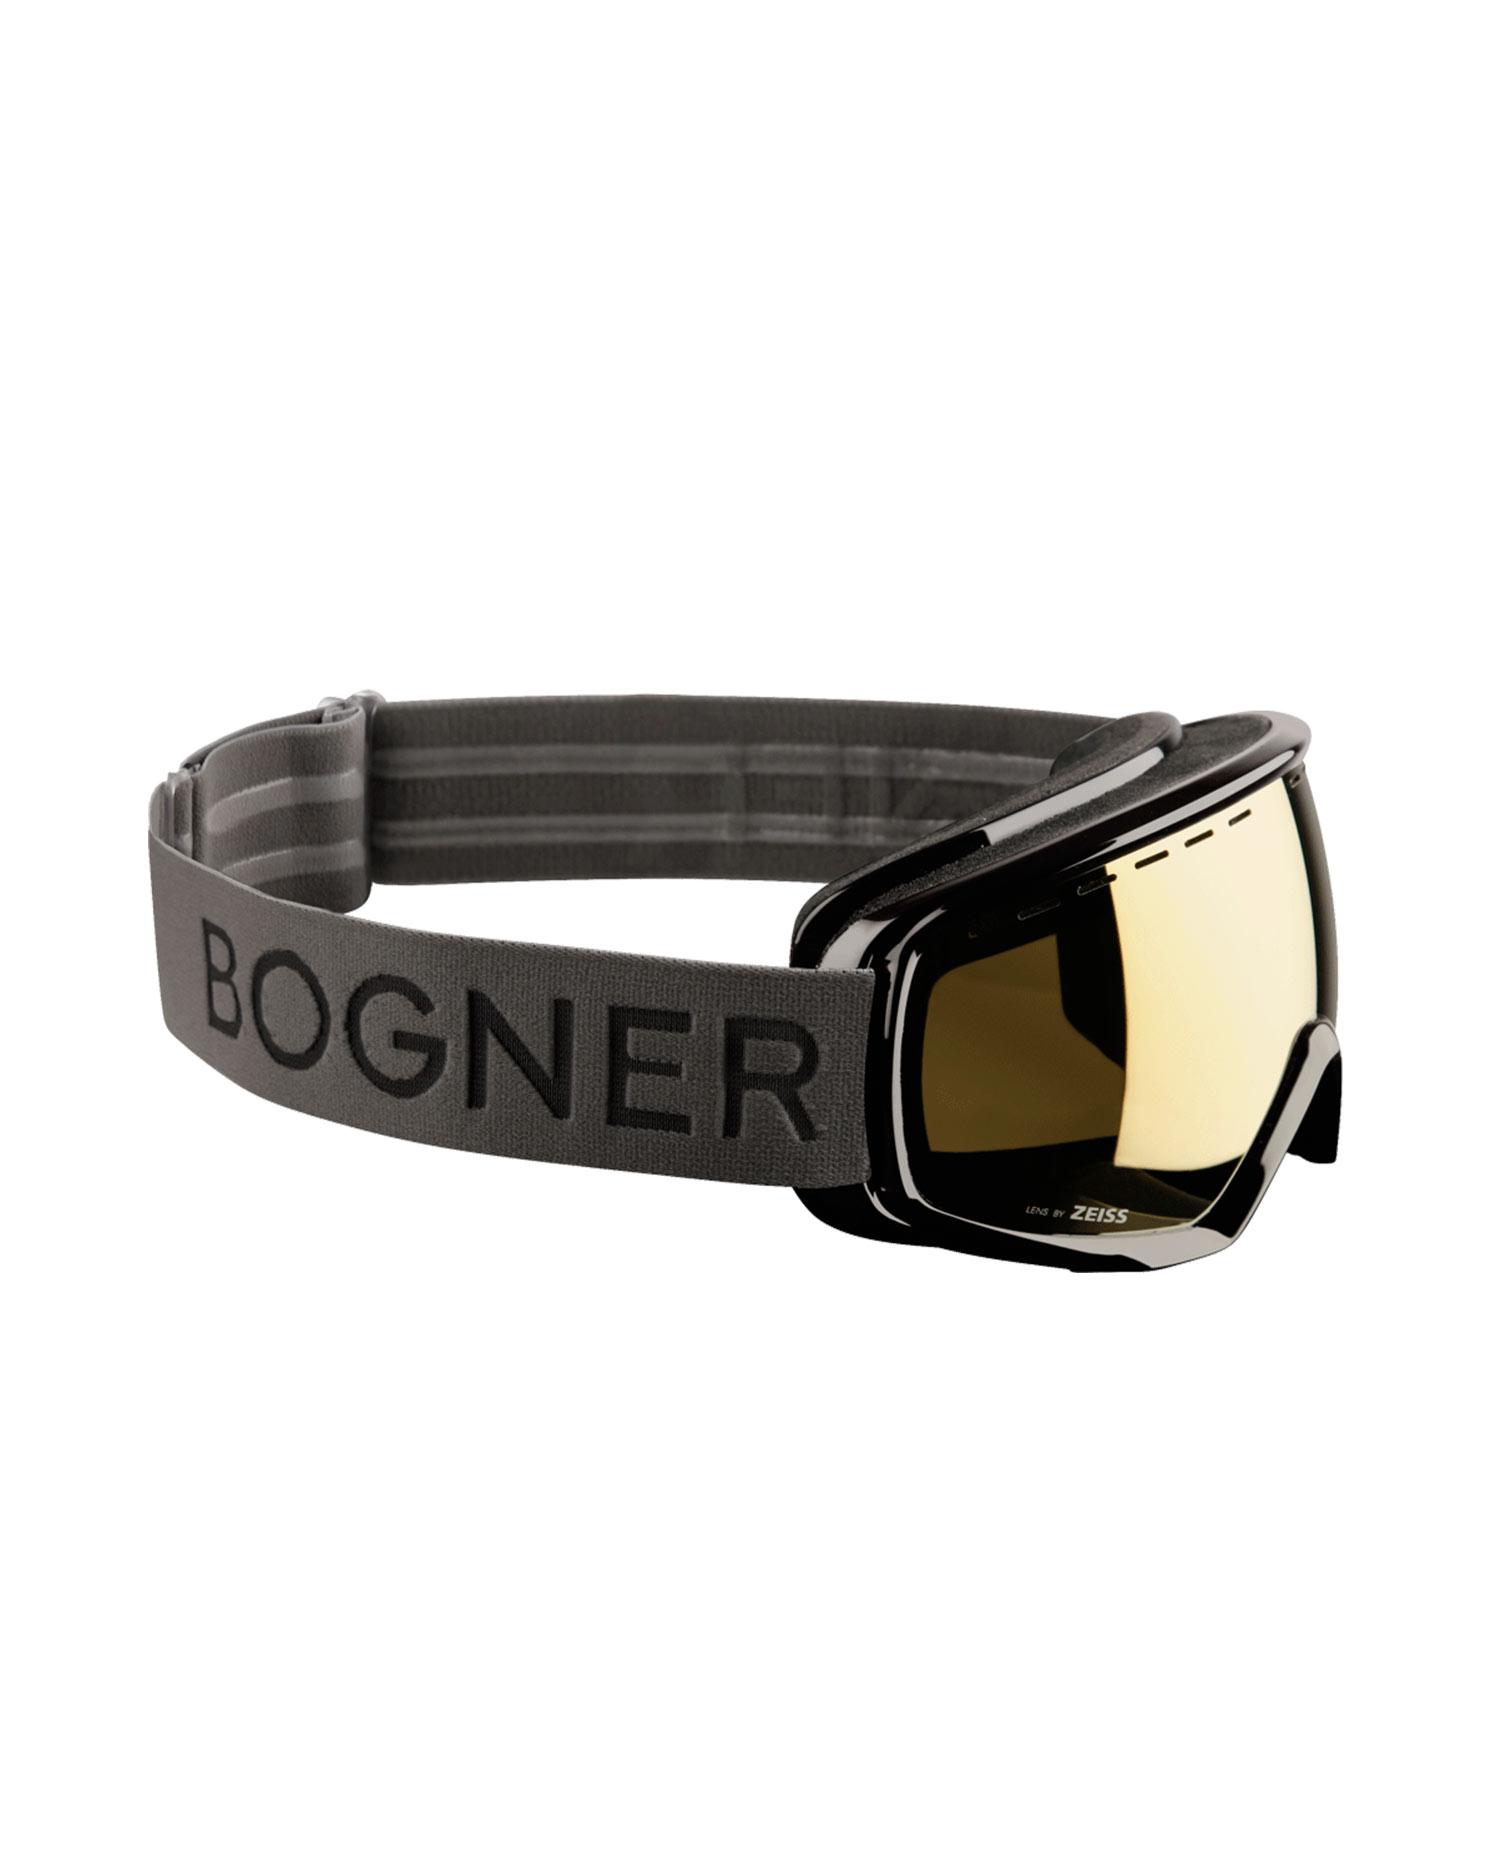 Lyžařské brýle Bogner MONOCHROME GOLD